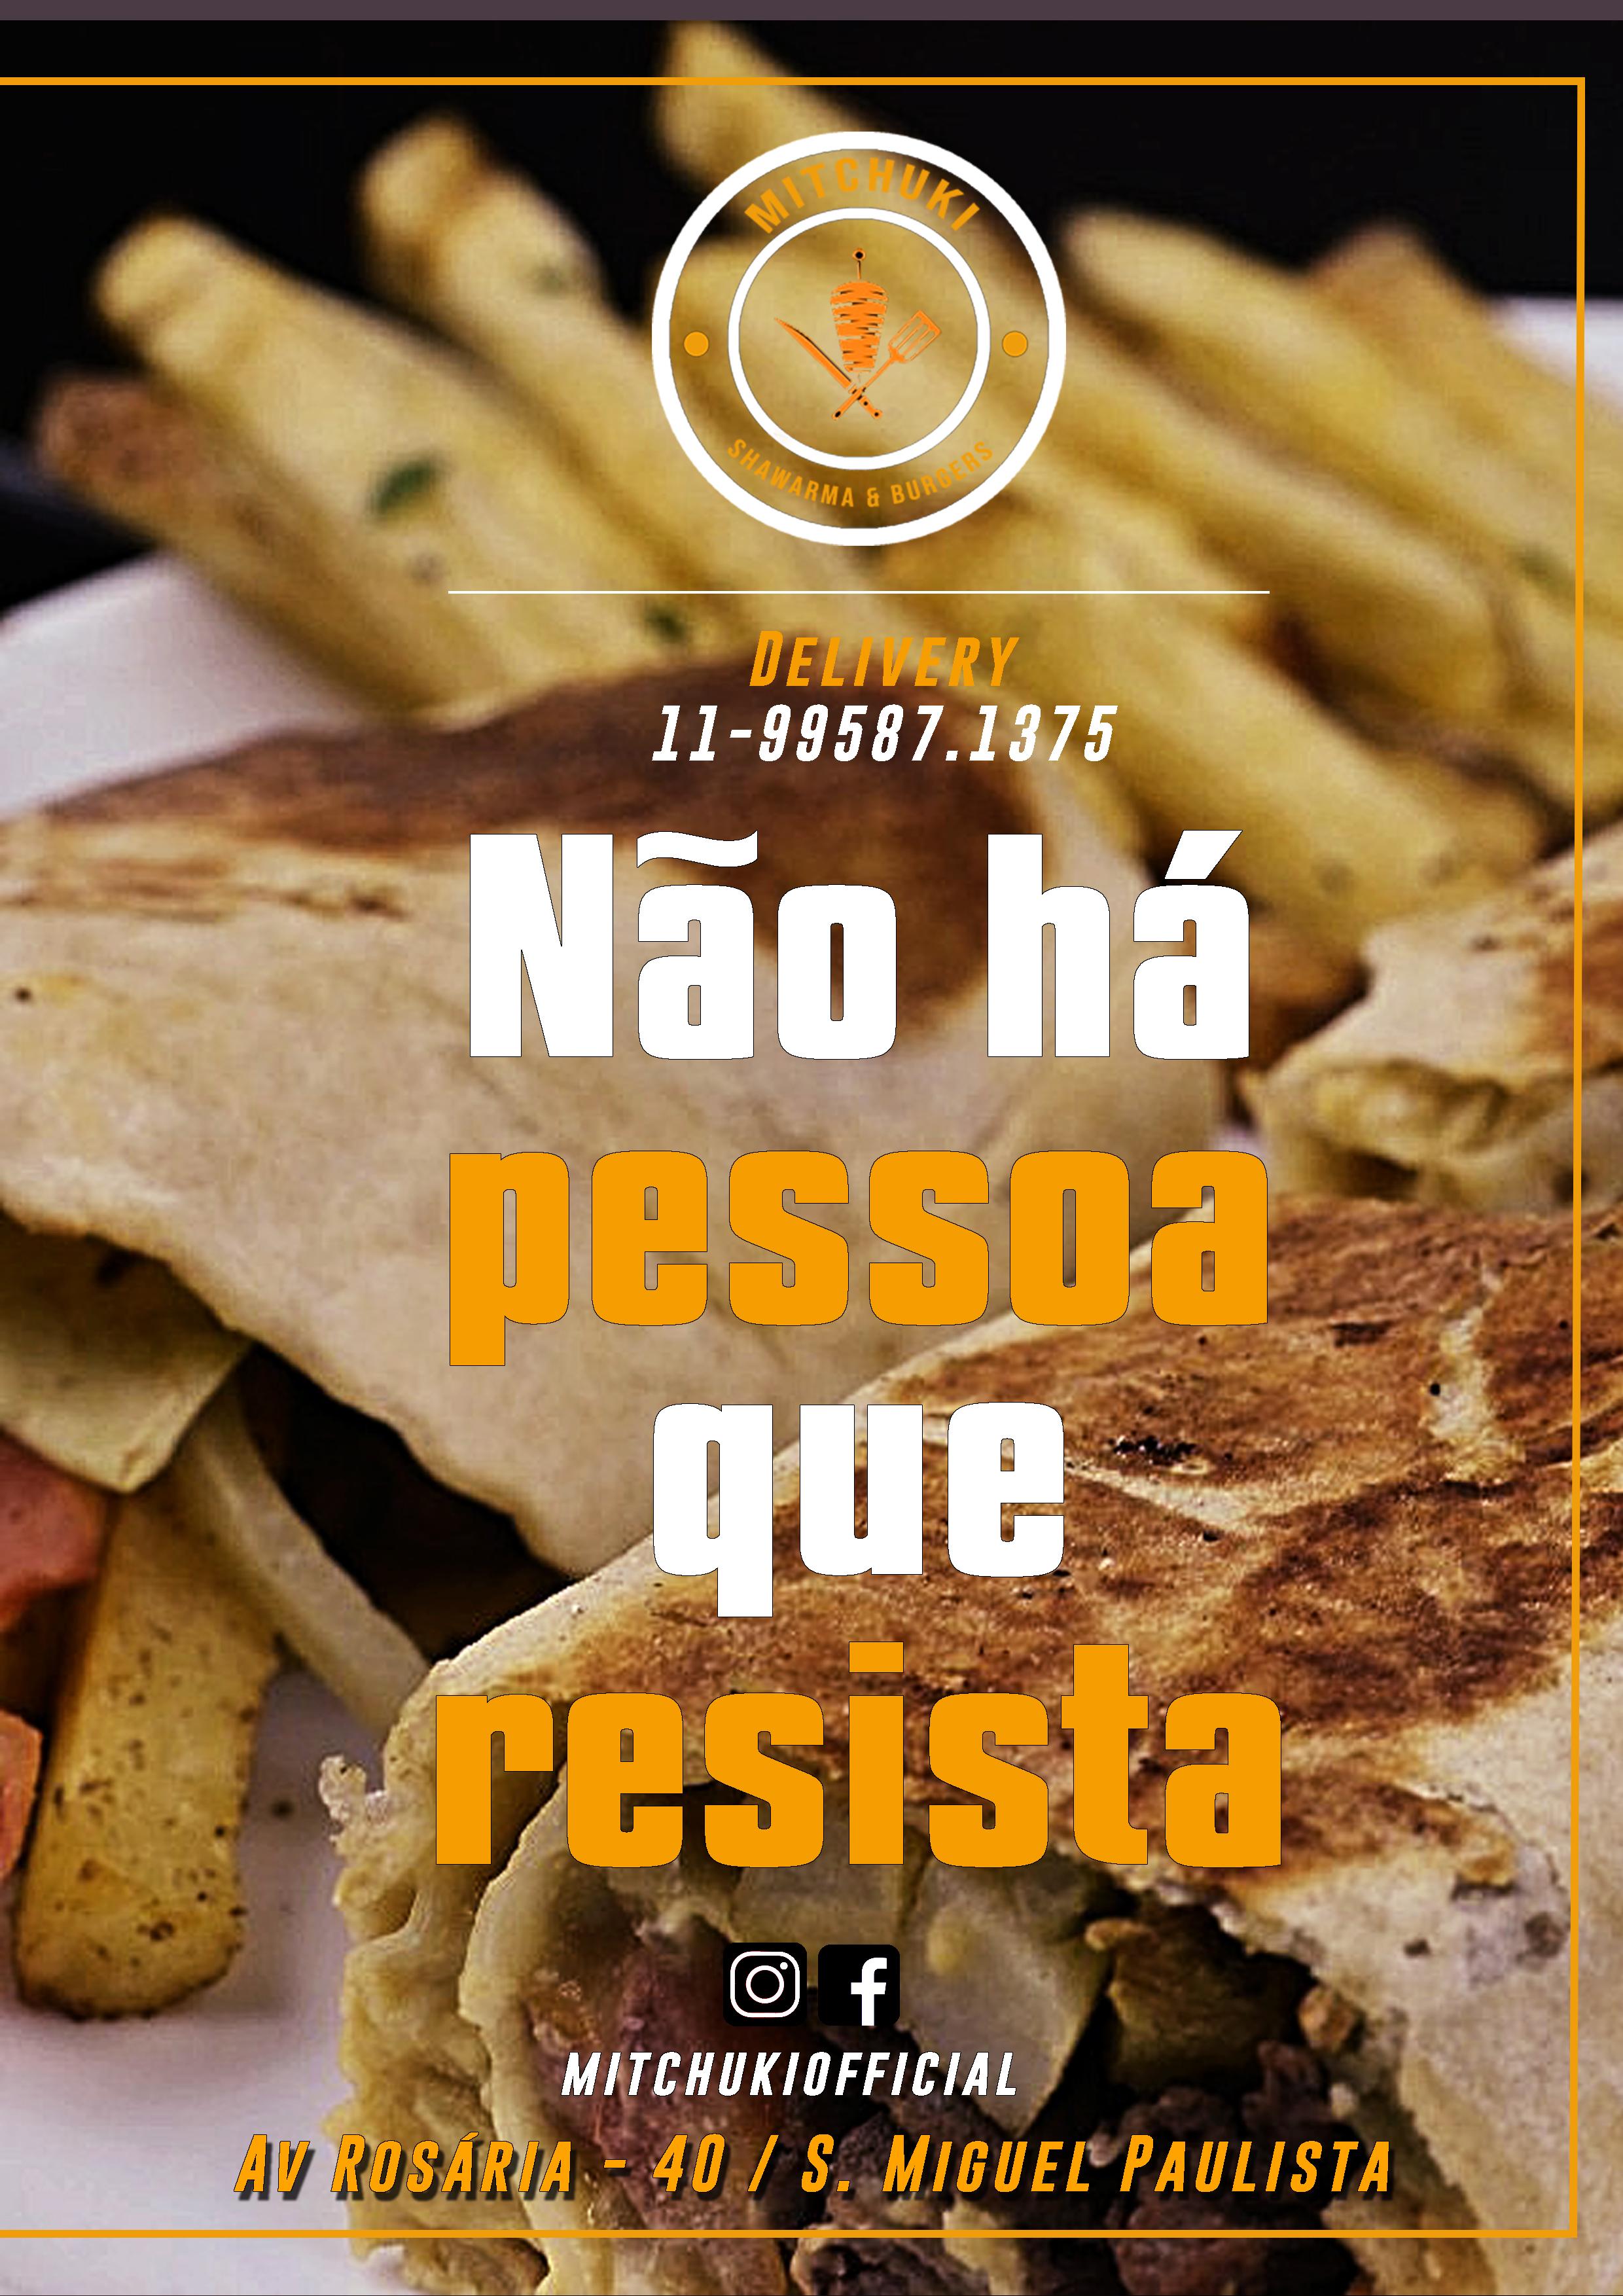 Flyer Mitchuky Shawarma